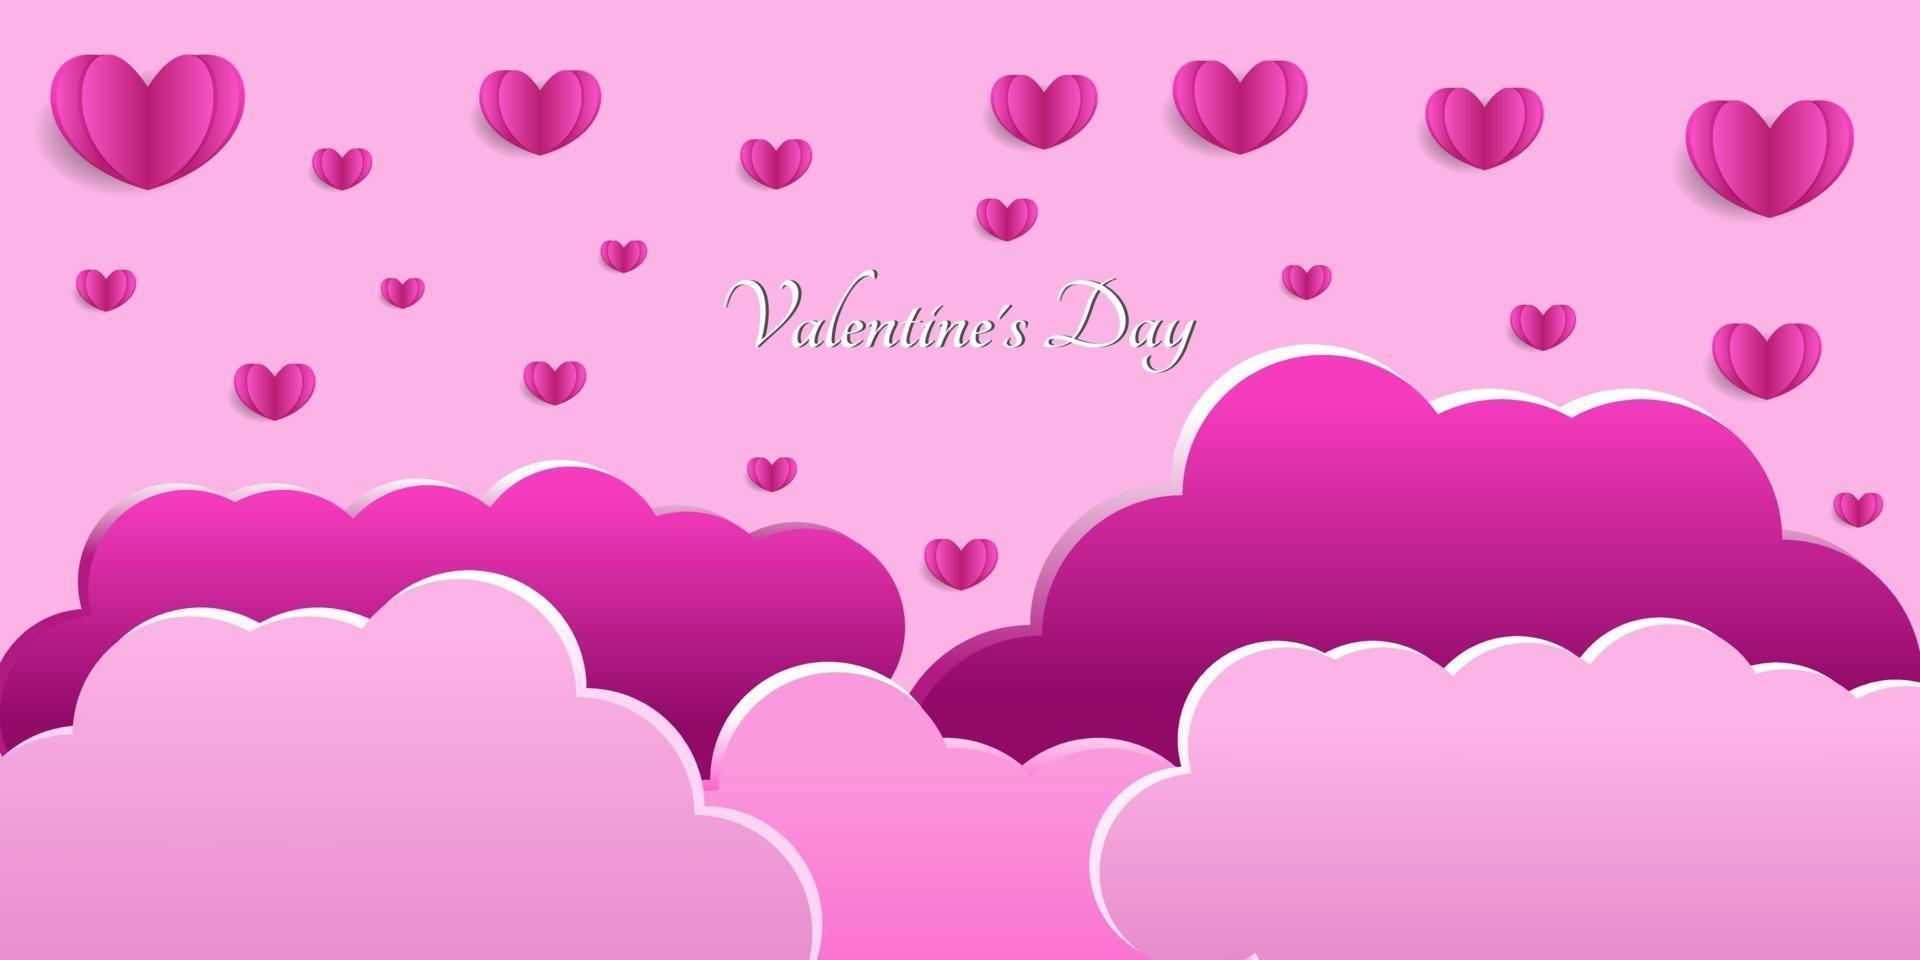 glad alla hjärtans dag hjärtabakgrund i pappersskuren stil vektor